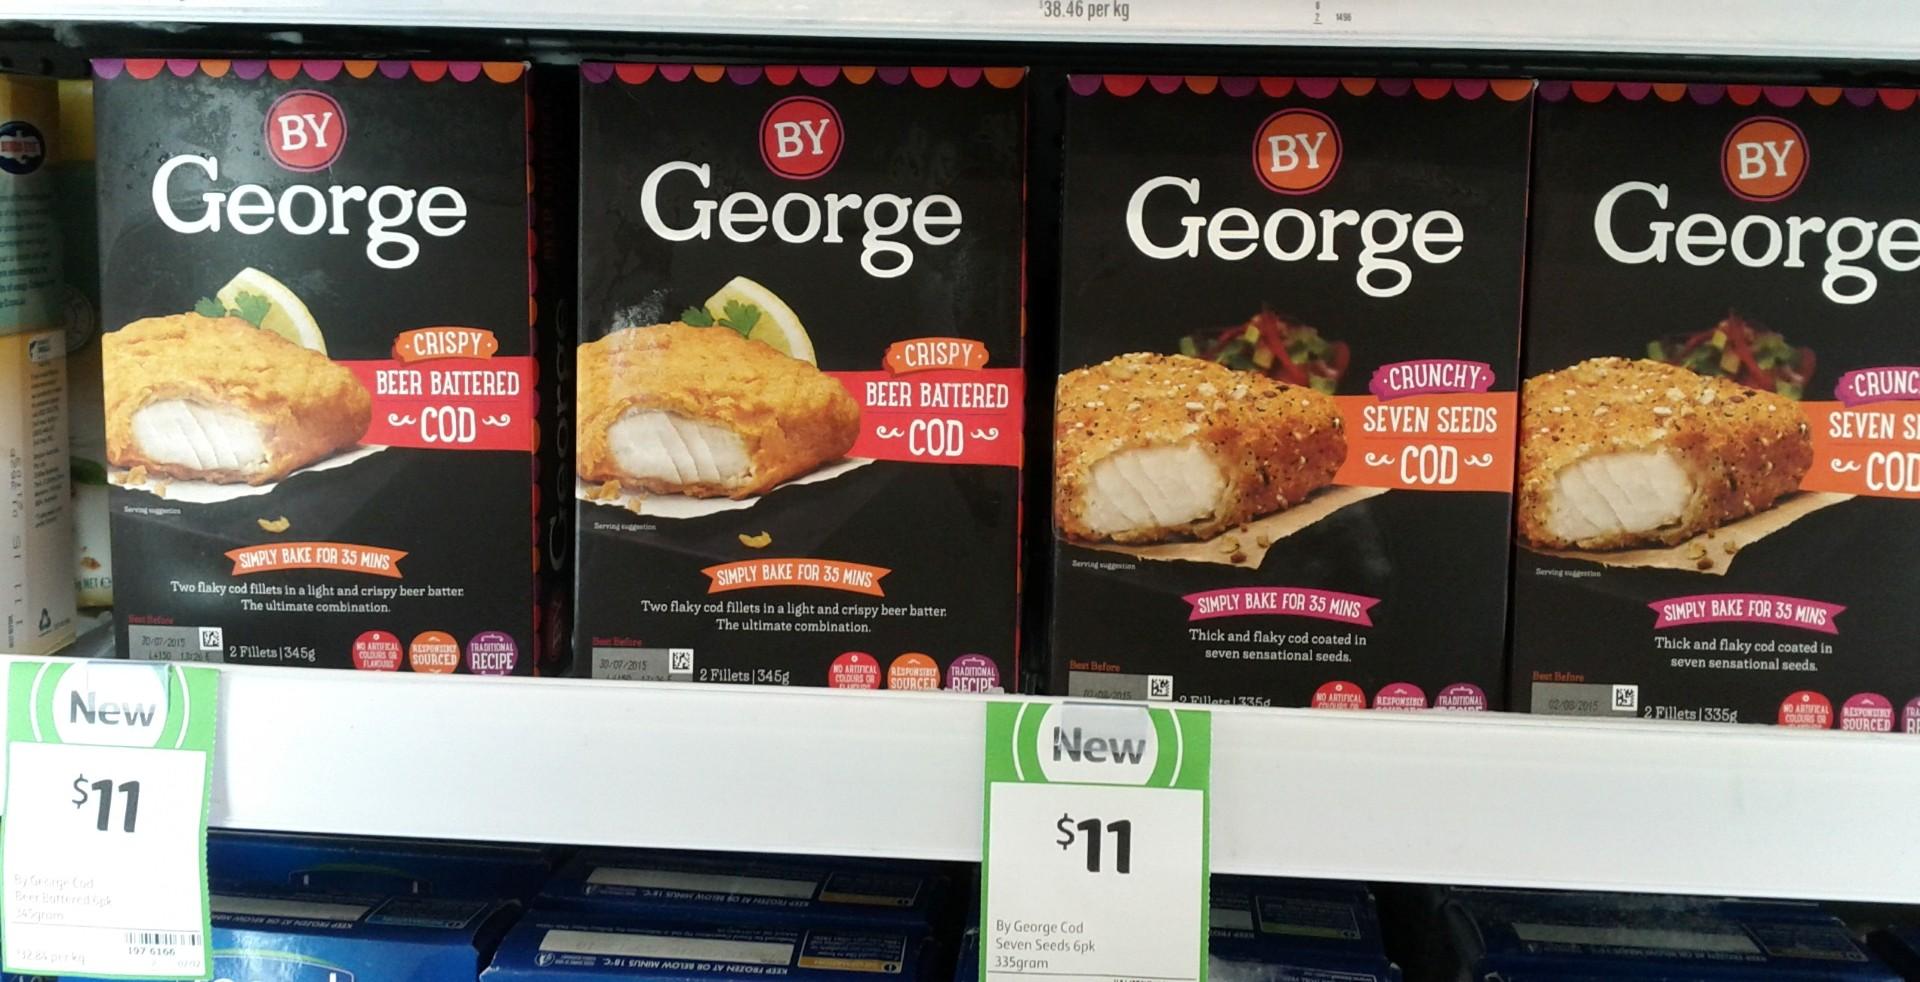 By George 335g Cod Crispy, Crunchy